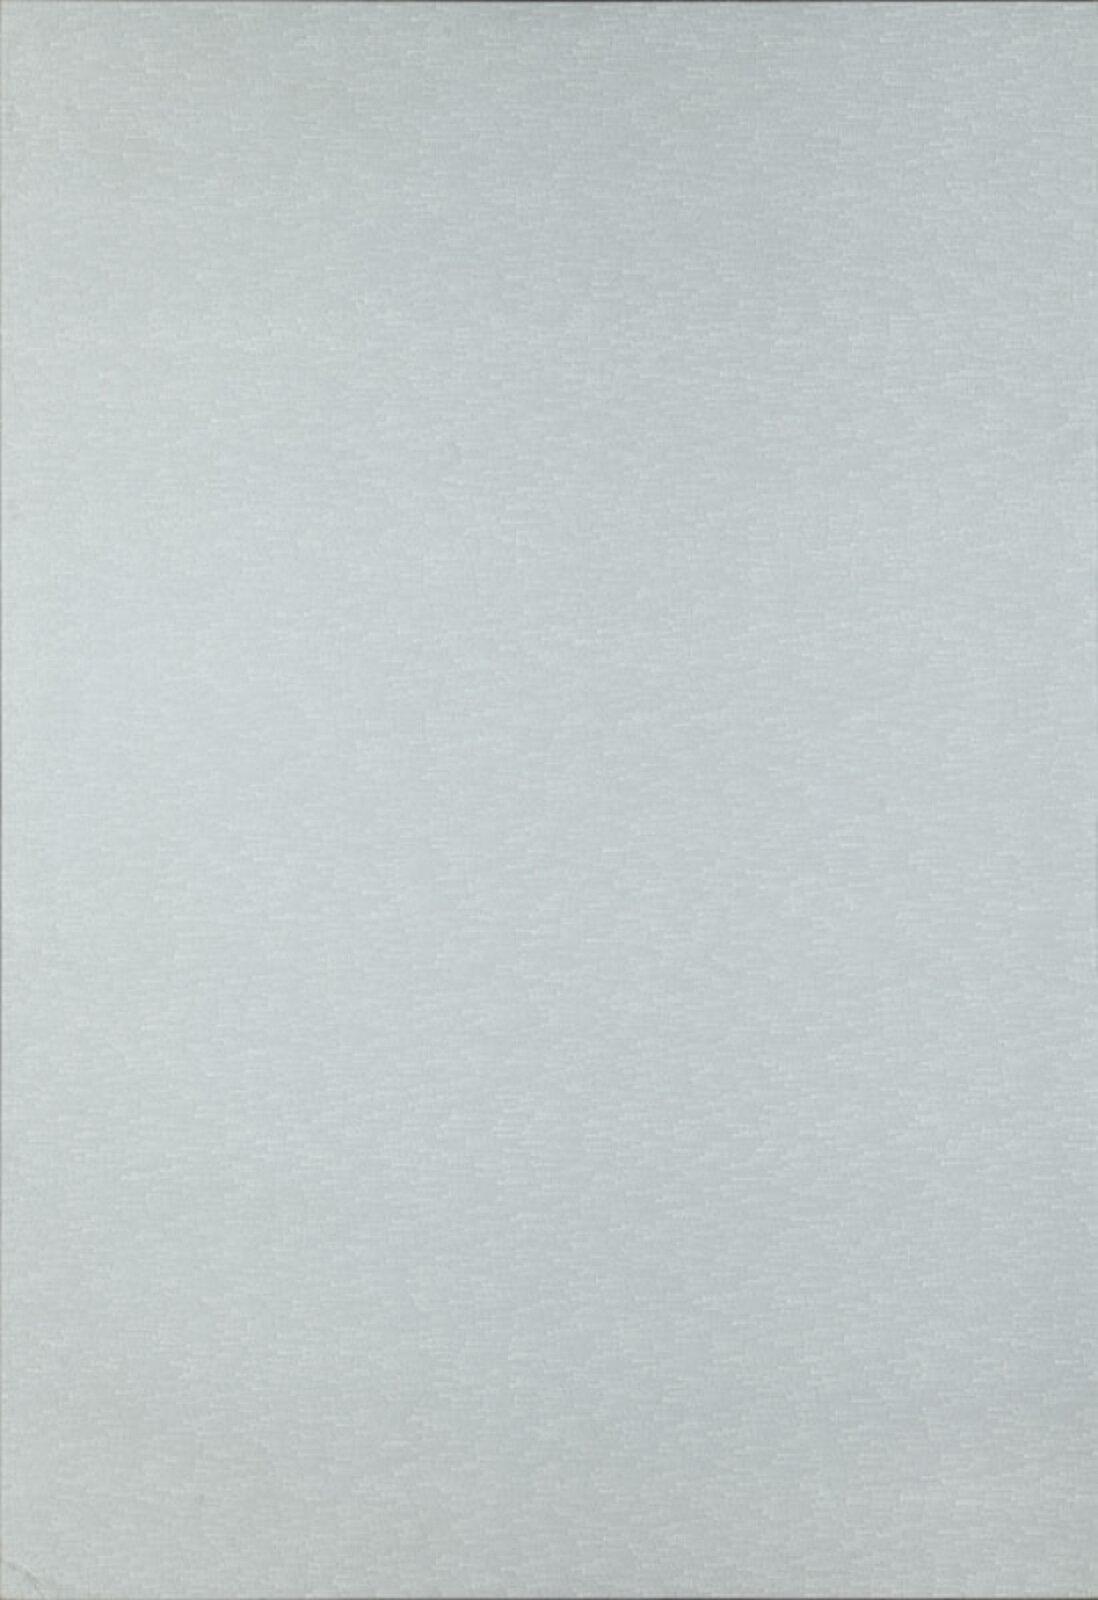 """Ilustracja przedstawia obraz Romana Opałki """"Detal 3 065 461 - 3 083 581"""" zcyklu """"1965/1 - ∞"""". Obraz stanowi jasnoniebieskie tło."""